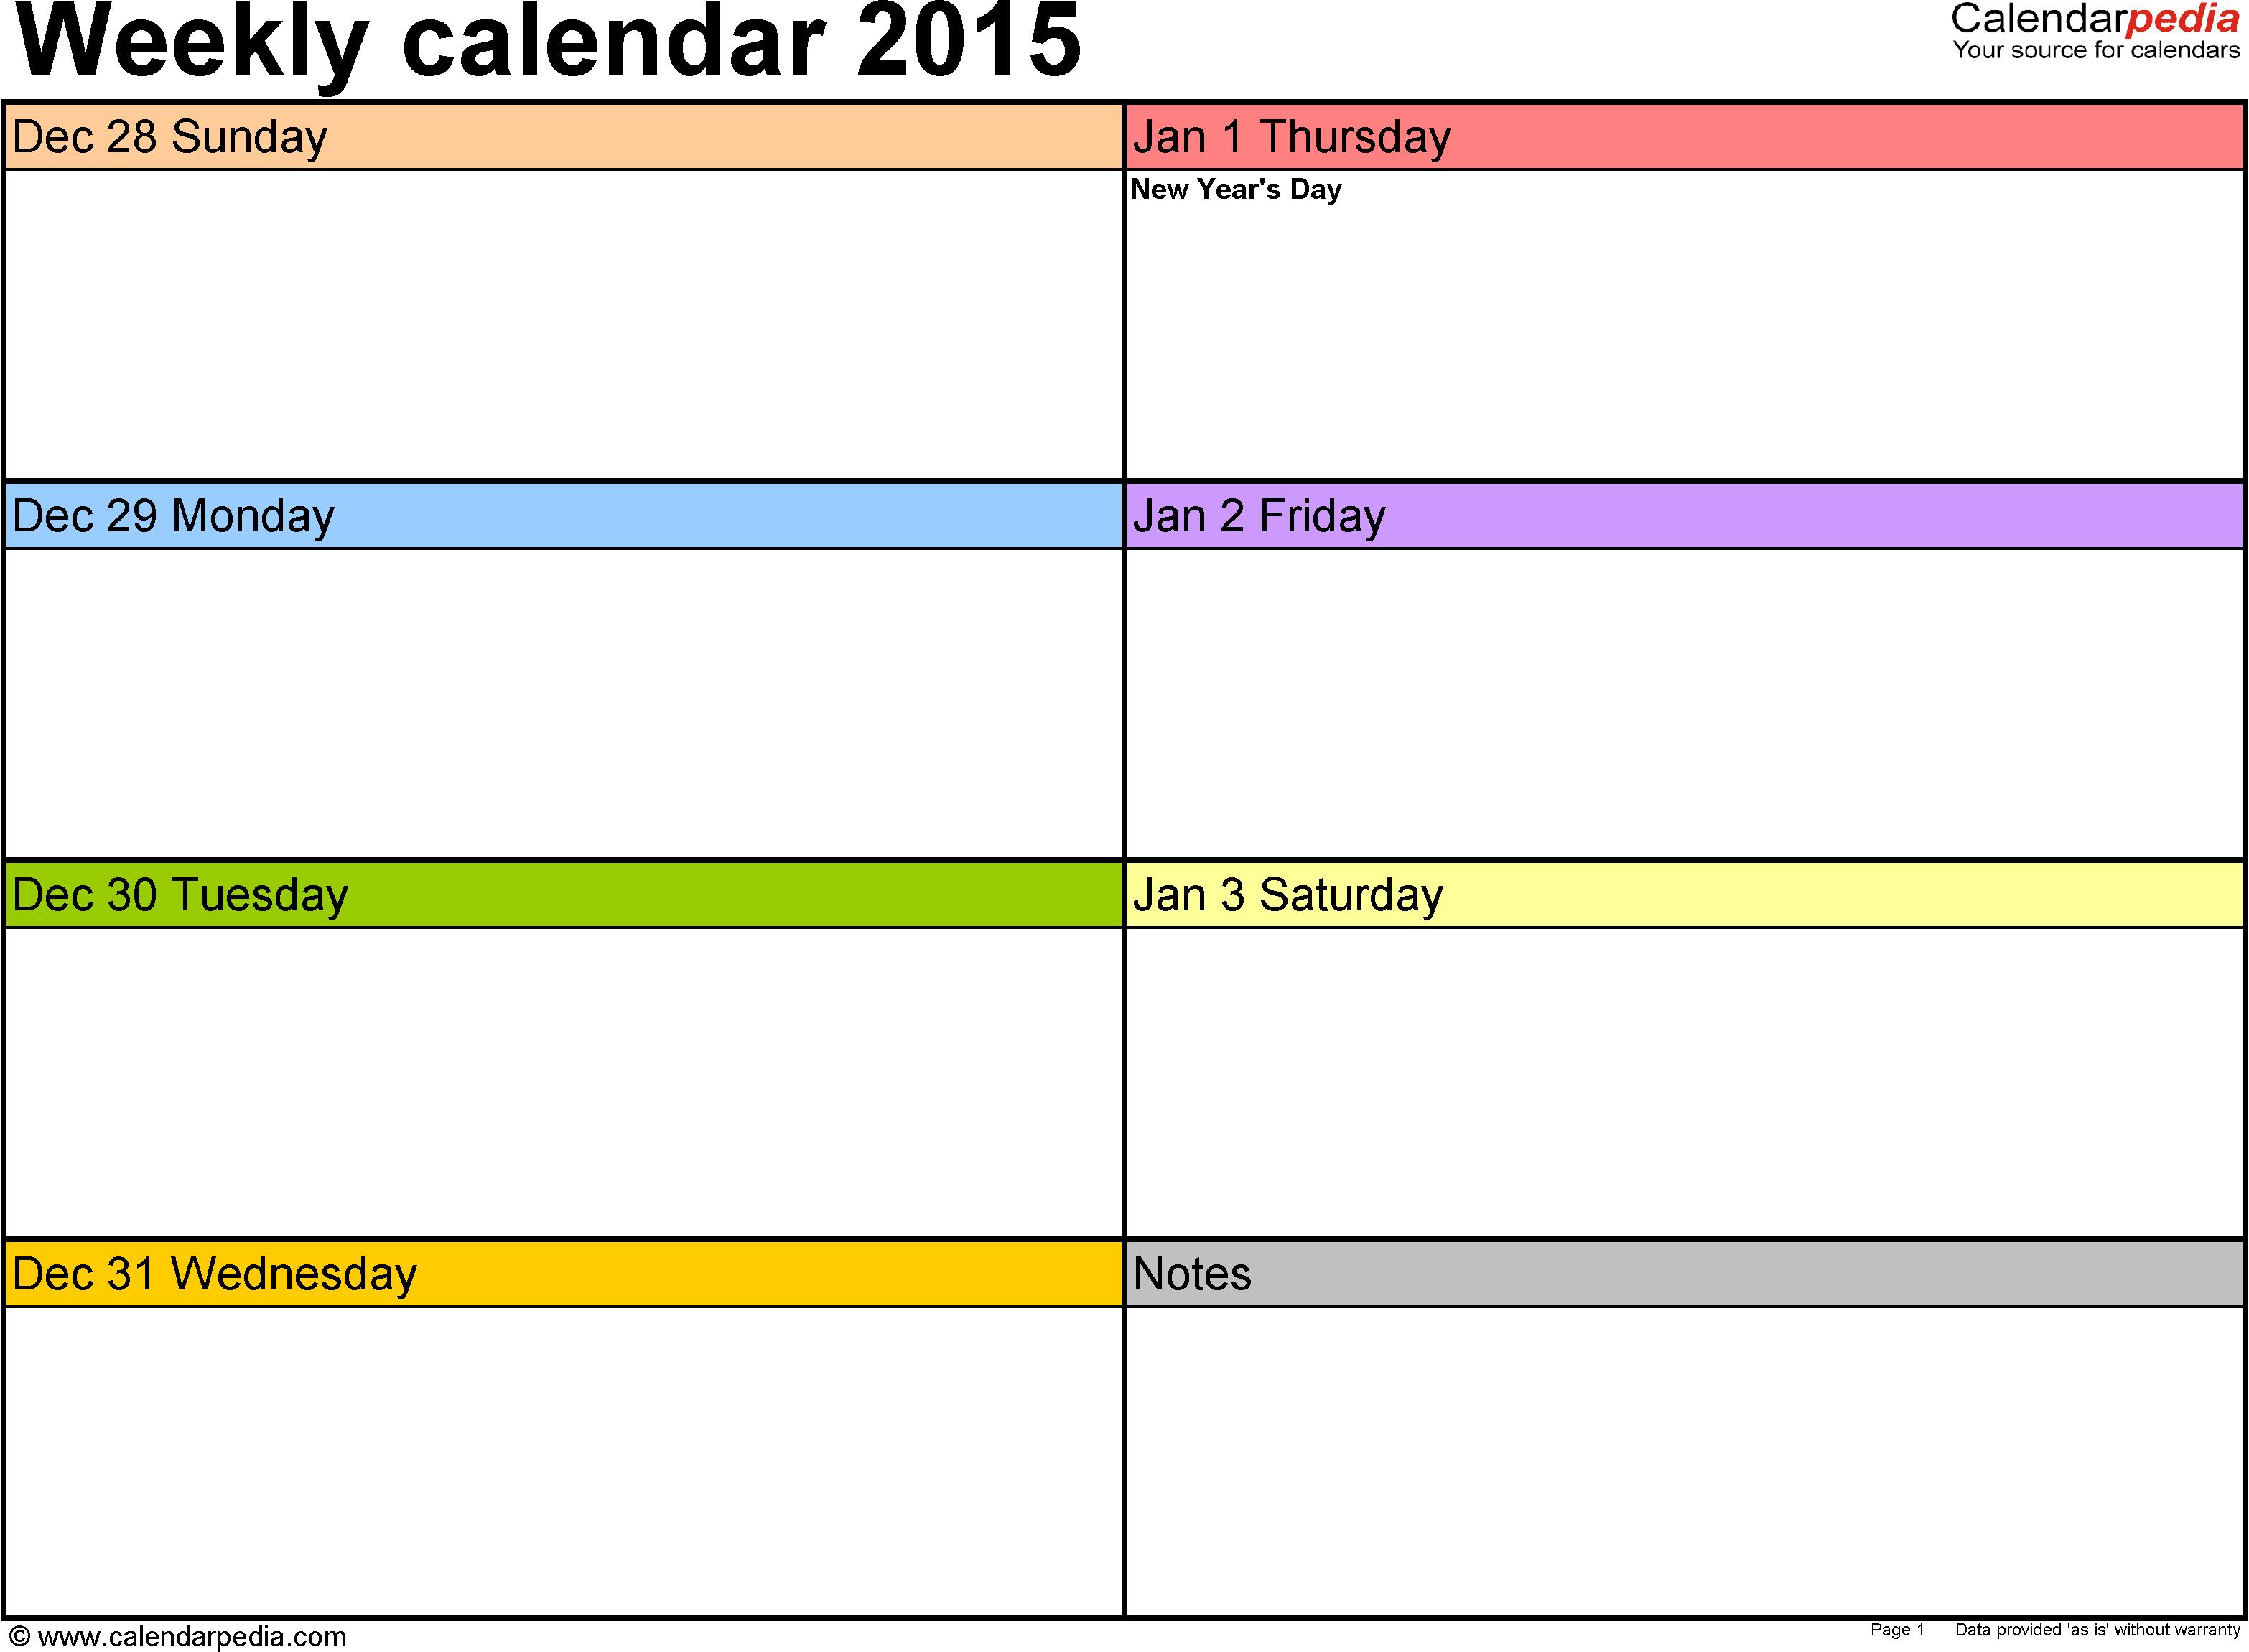 16 Week Blank Calendar Template Images  Printable Blank with regard to 2 Week Blank Calendar Printable